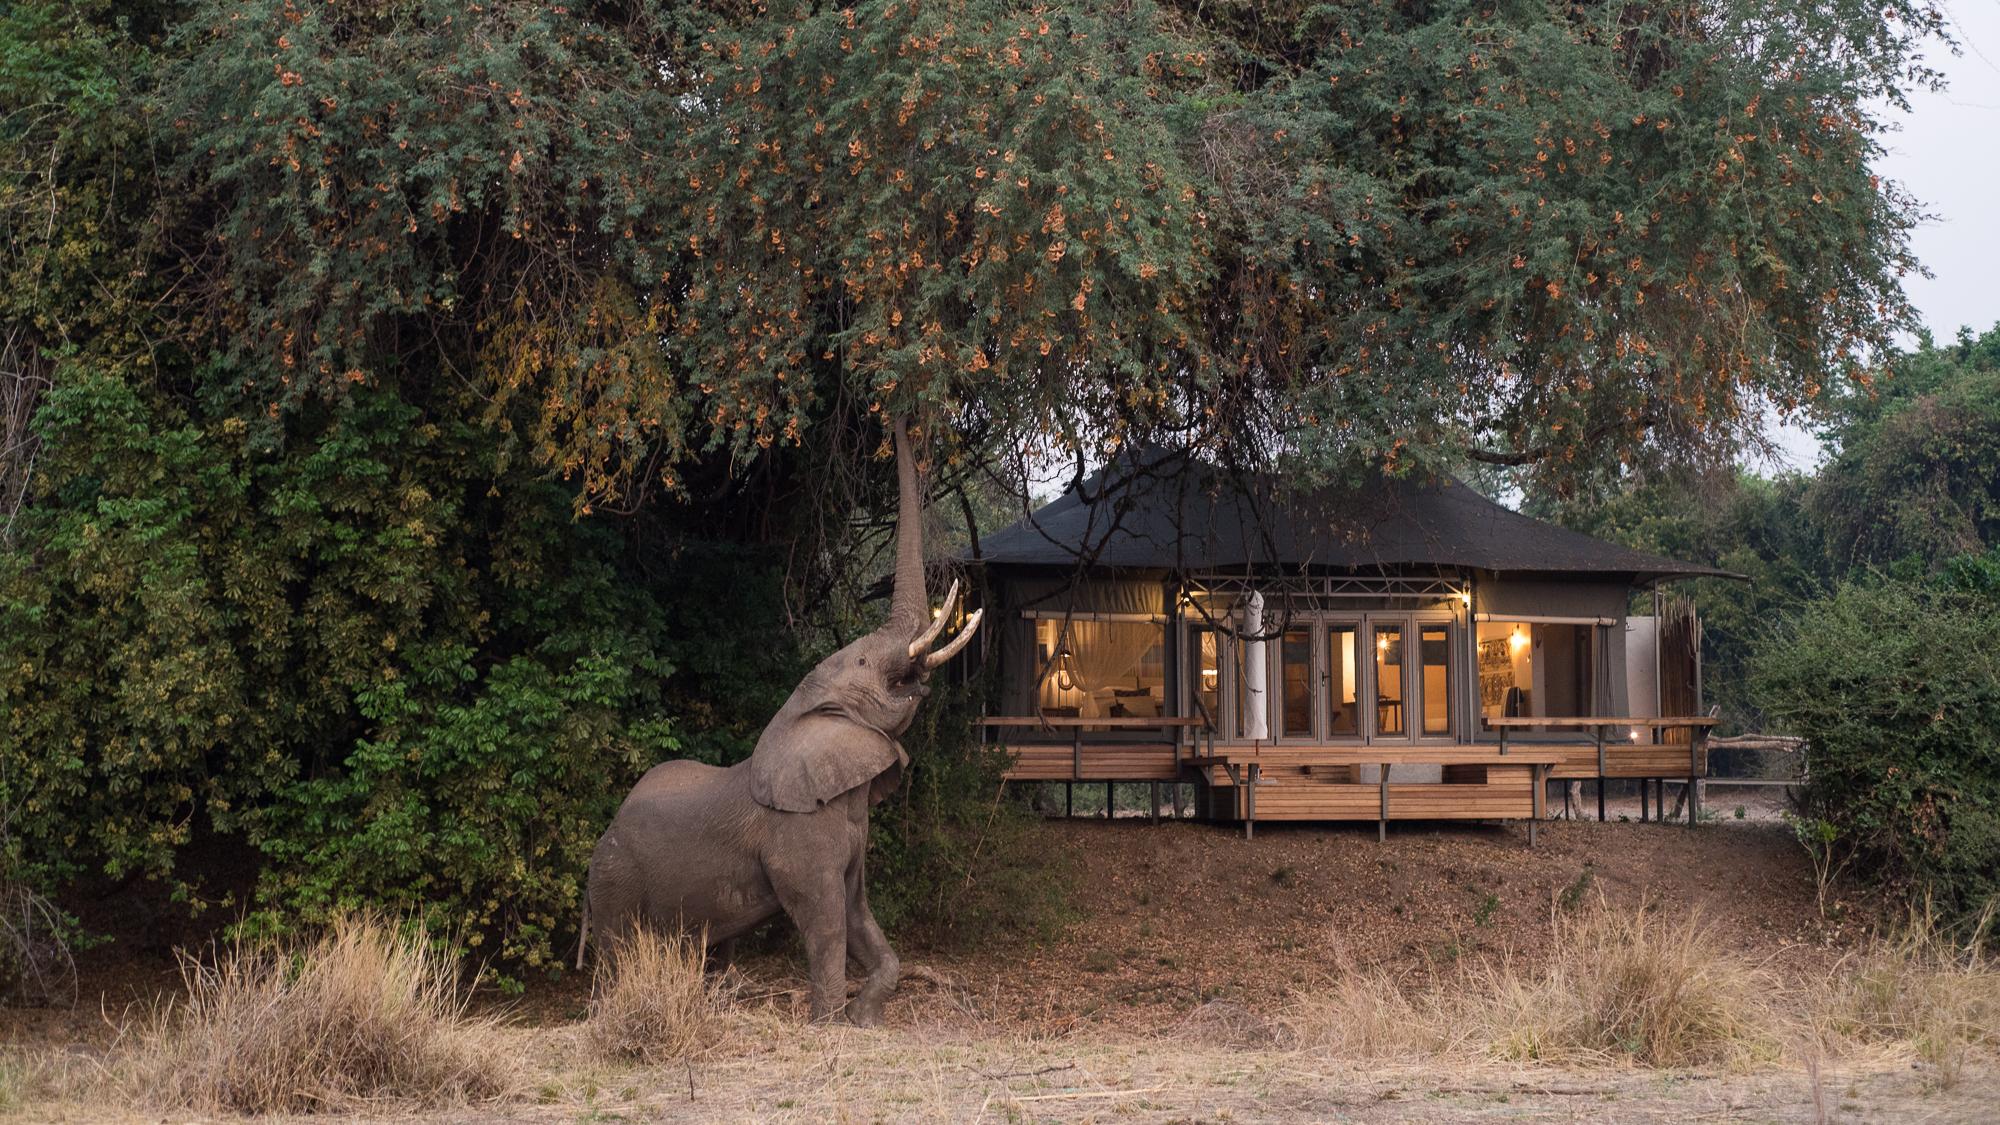 chikwenya_wildlife_2000px_-_kyle_and_ruth_234_of_334.jpg